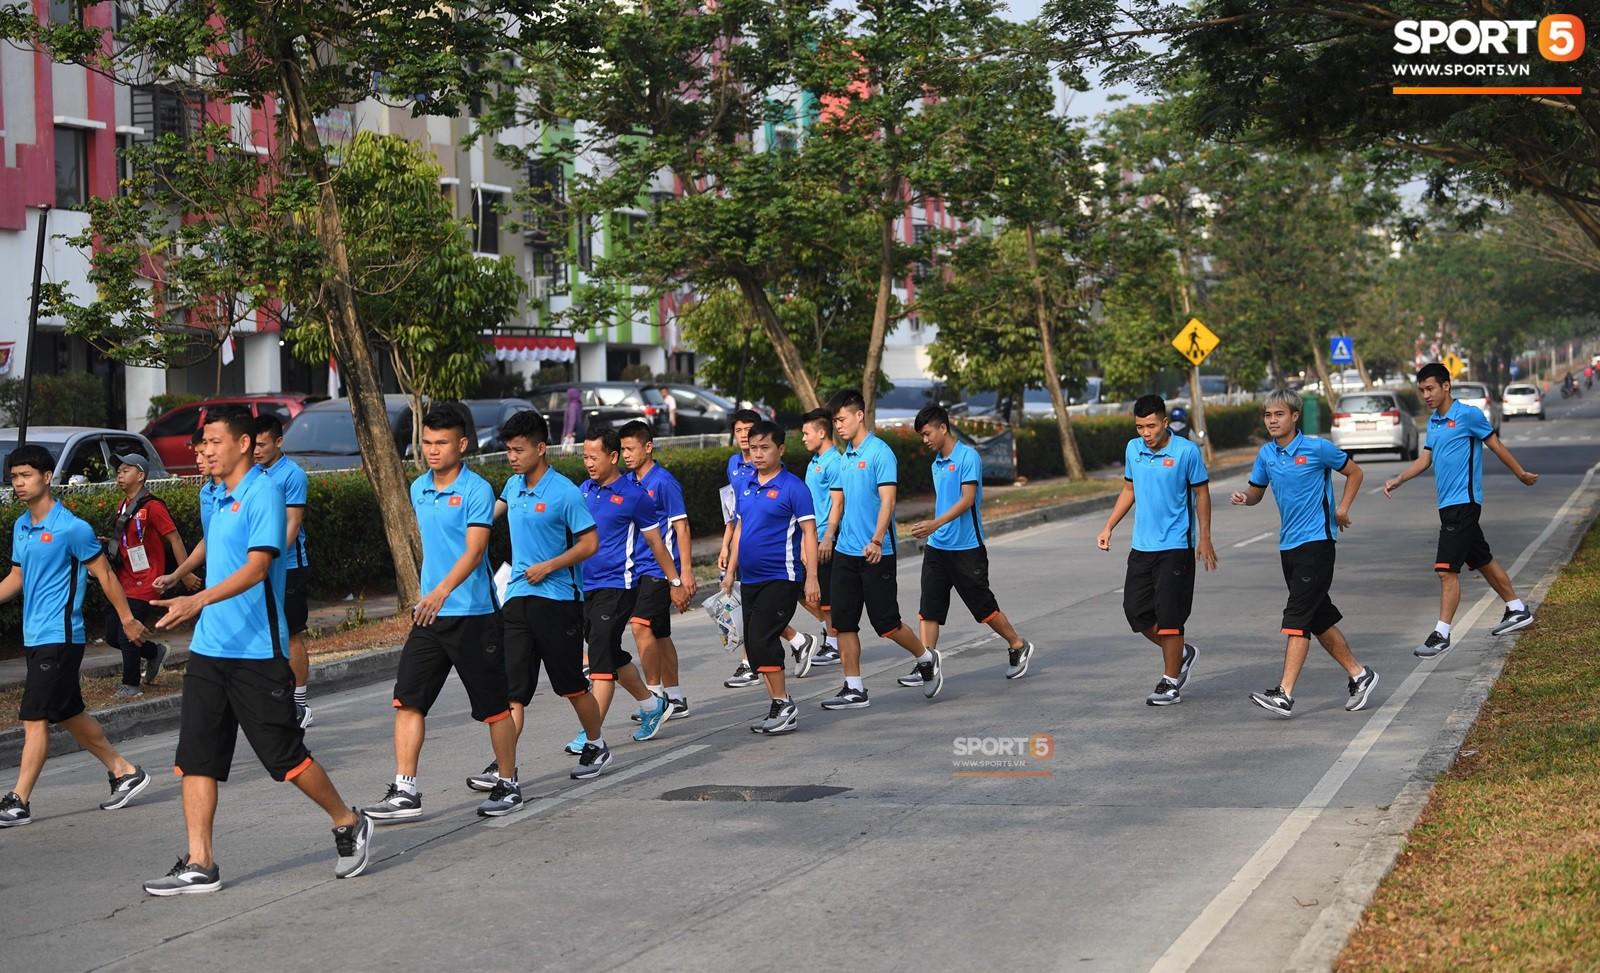 HLV Park Hang Seo cẩn thận cùng ban huấn luyện ngăn xe cho học trò băng qua đường tập luyện - Ảnh 1.